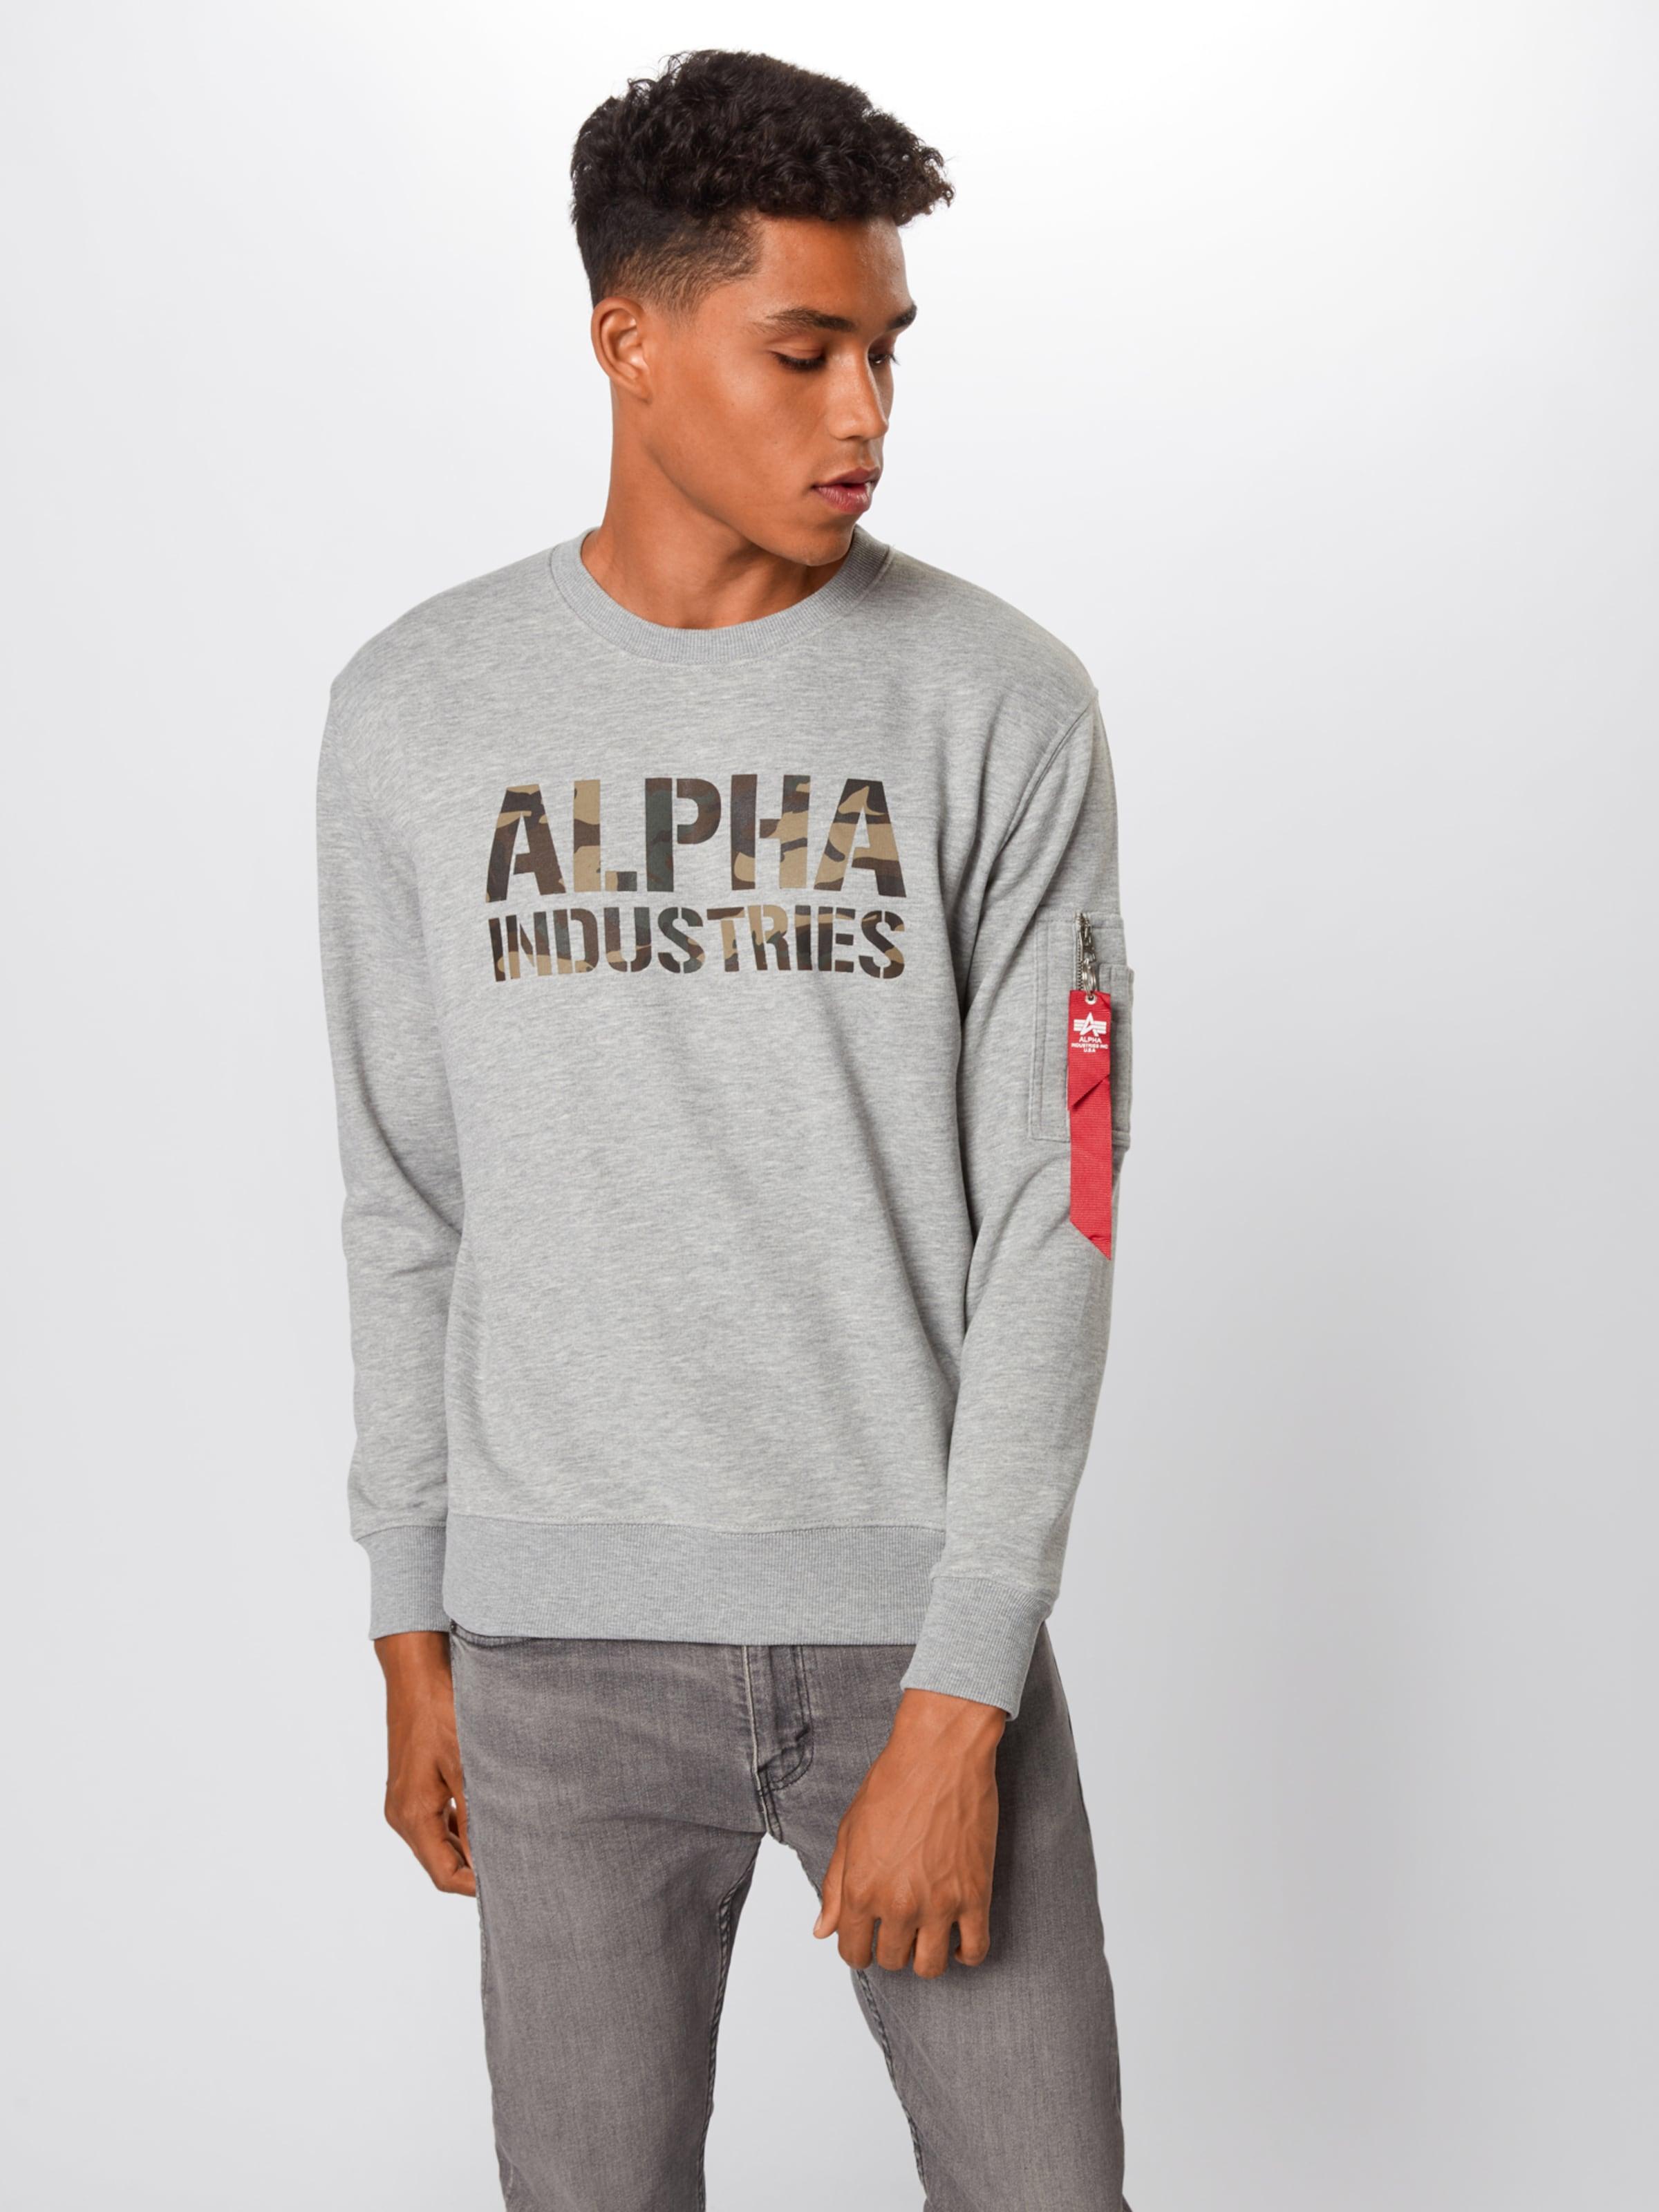 Alpha ChinéMélange De Industries Gris shirt En Sweat Couleurs wXPkN0O8nZ